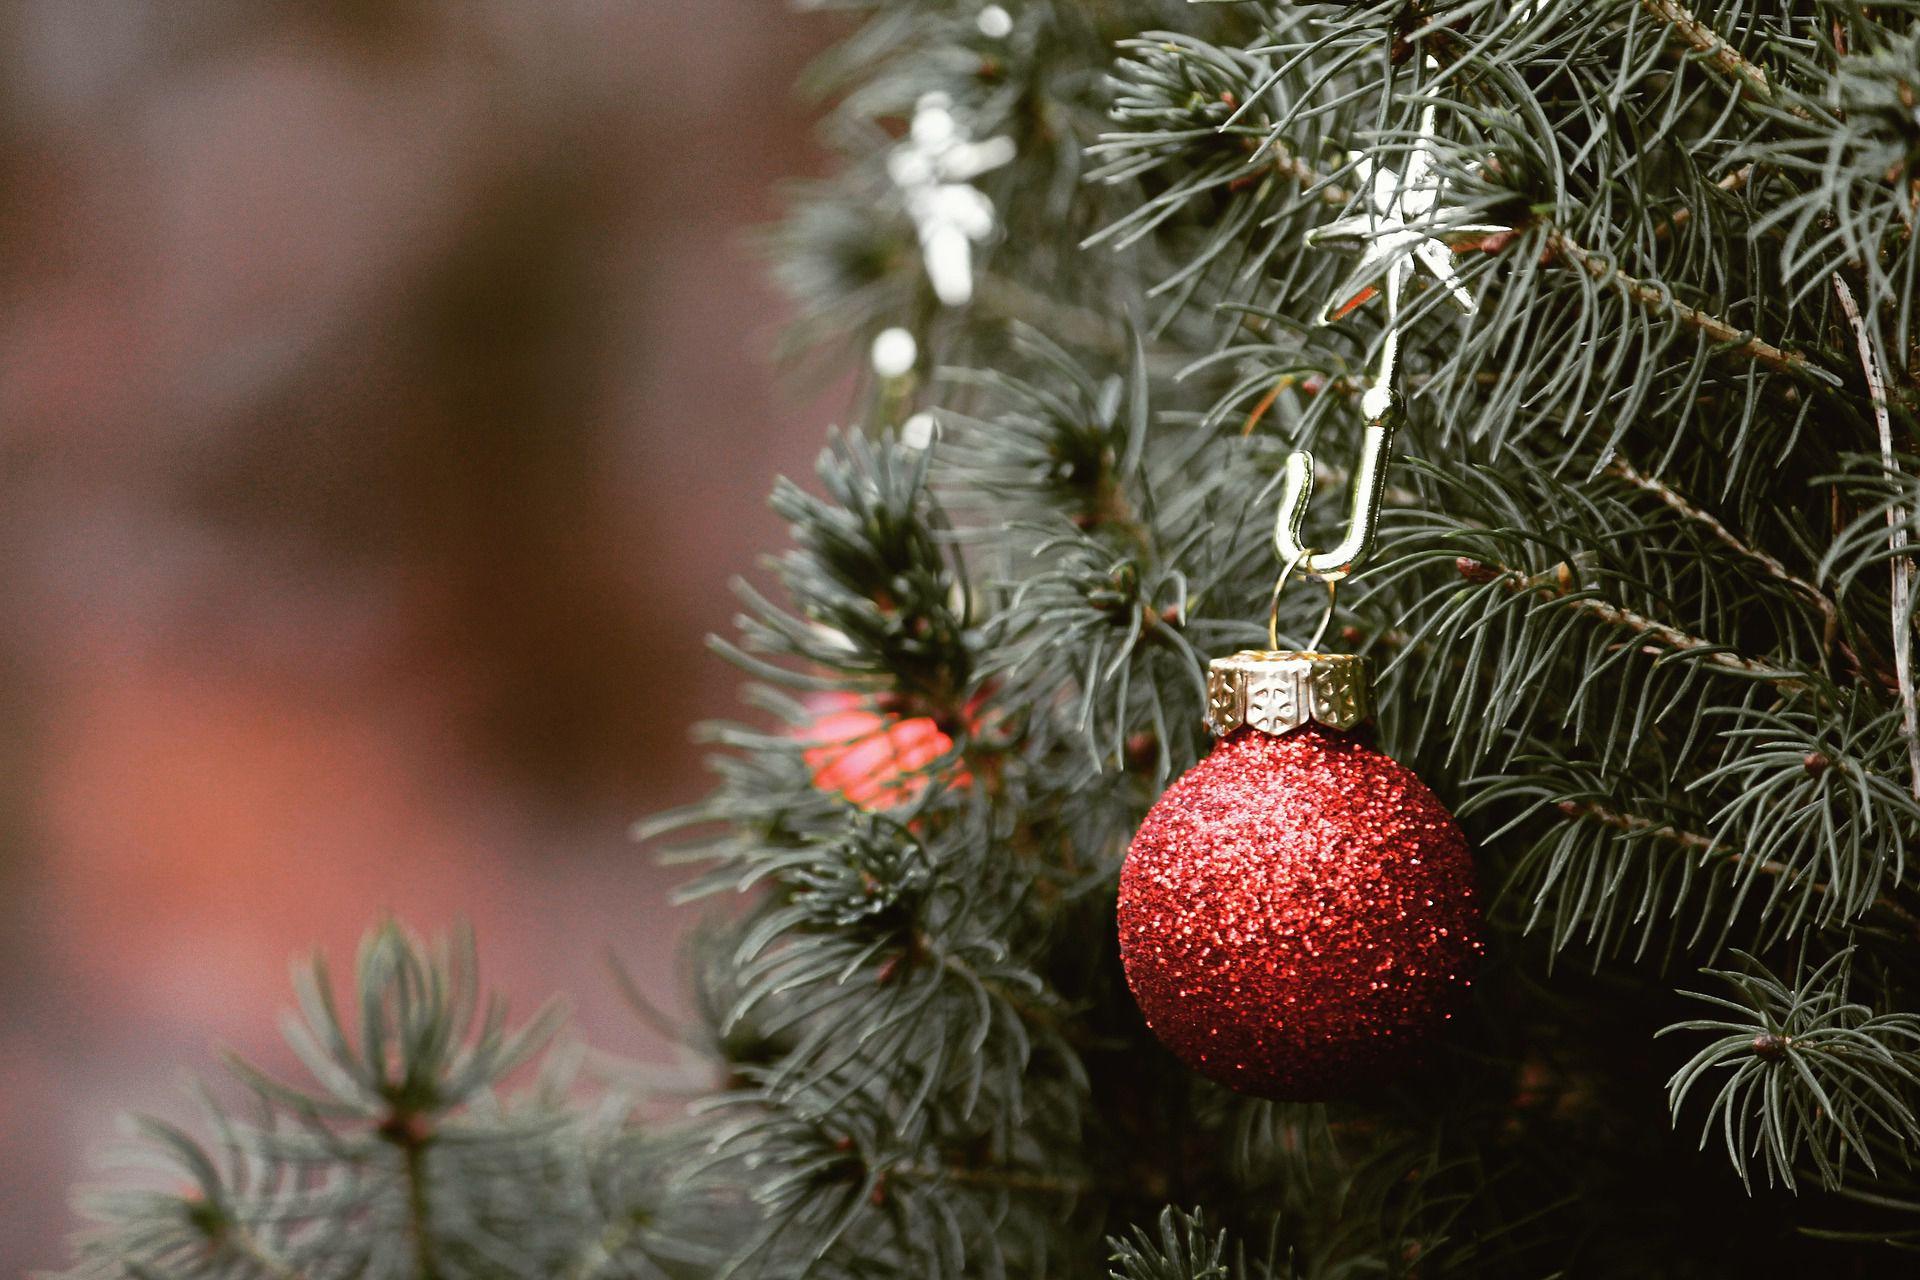 Wypożyczalnia choinek, czyli eko rozwiązanie na Święta